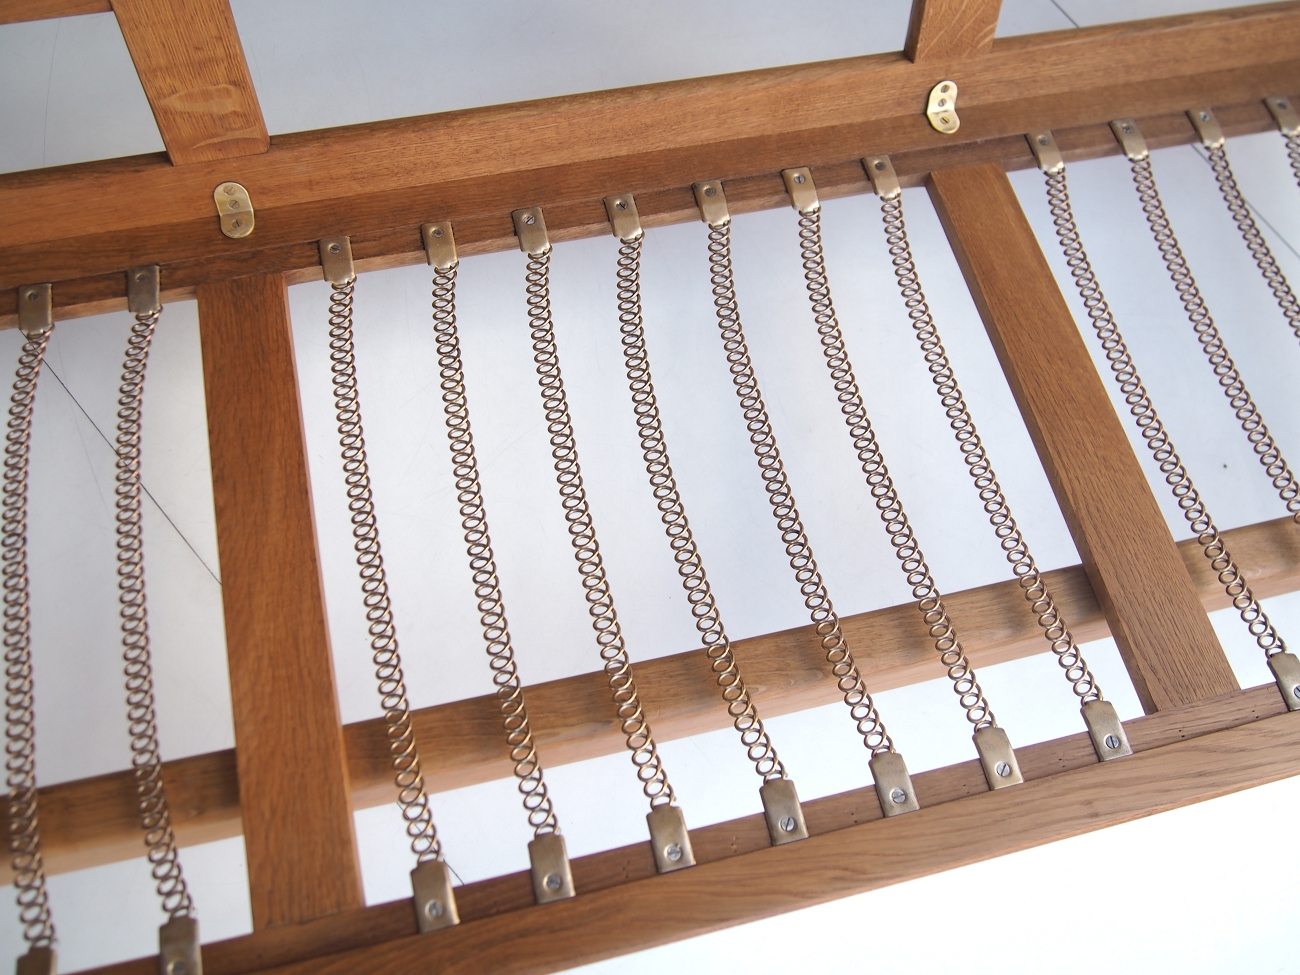 ハンス・ウェグナー GE2903ソファ オーク(Oak) クヴァドラ・ハリンダル65 / GETAMA Hans J.Wegner ゲタマ ビンテージ北欧家具